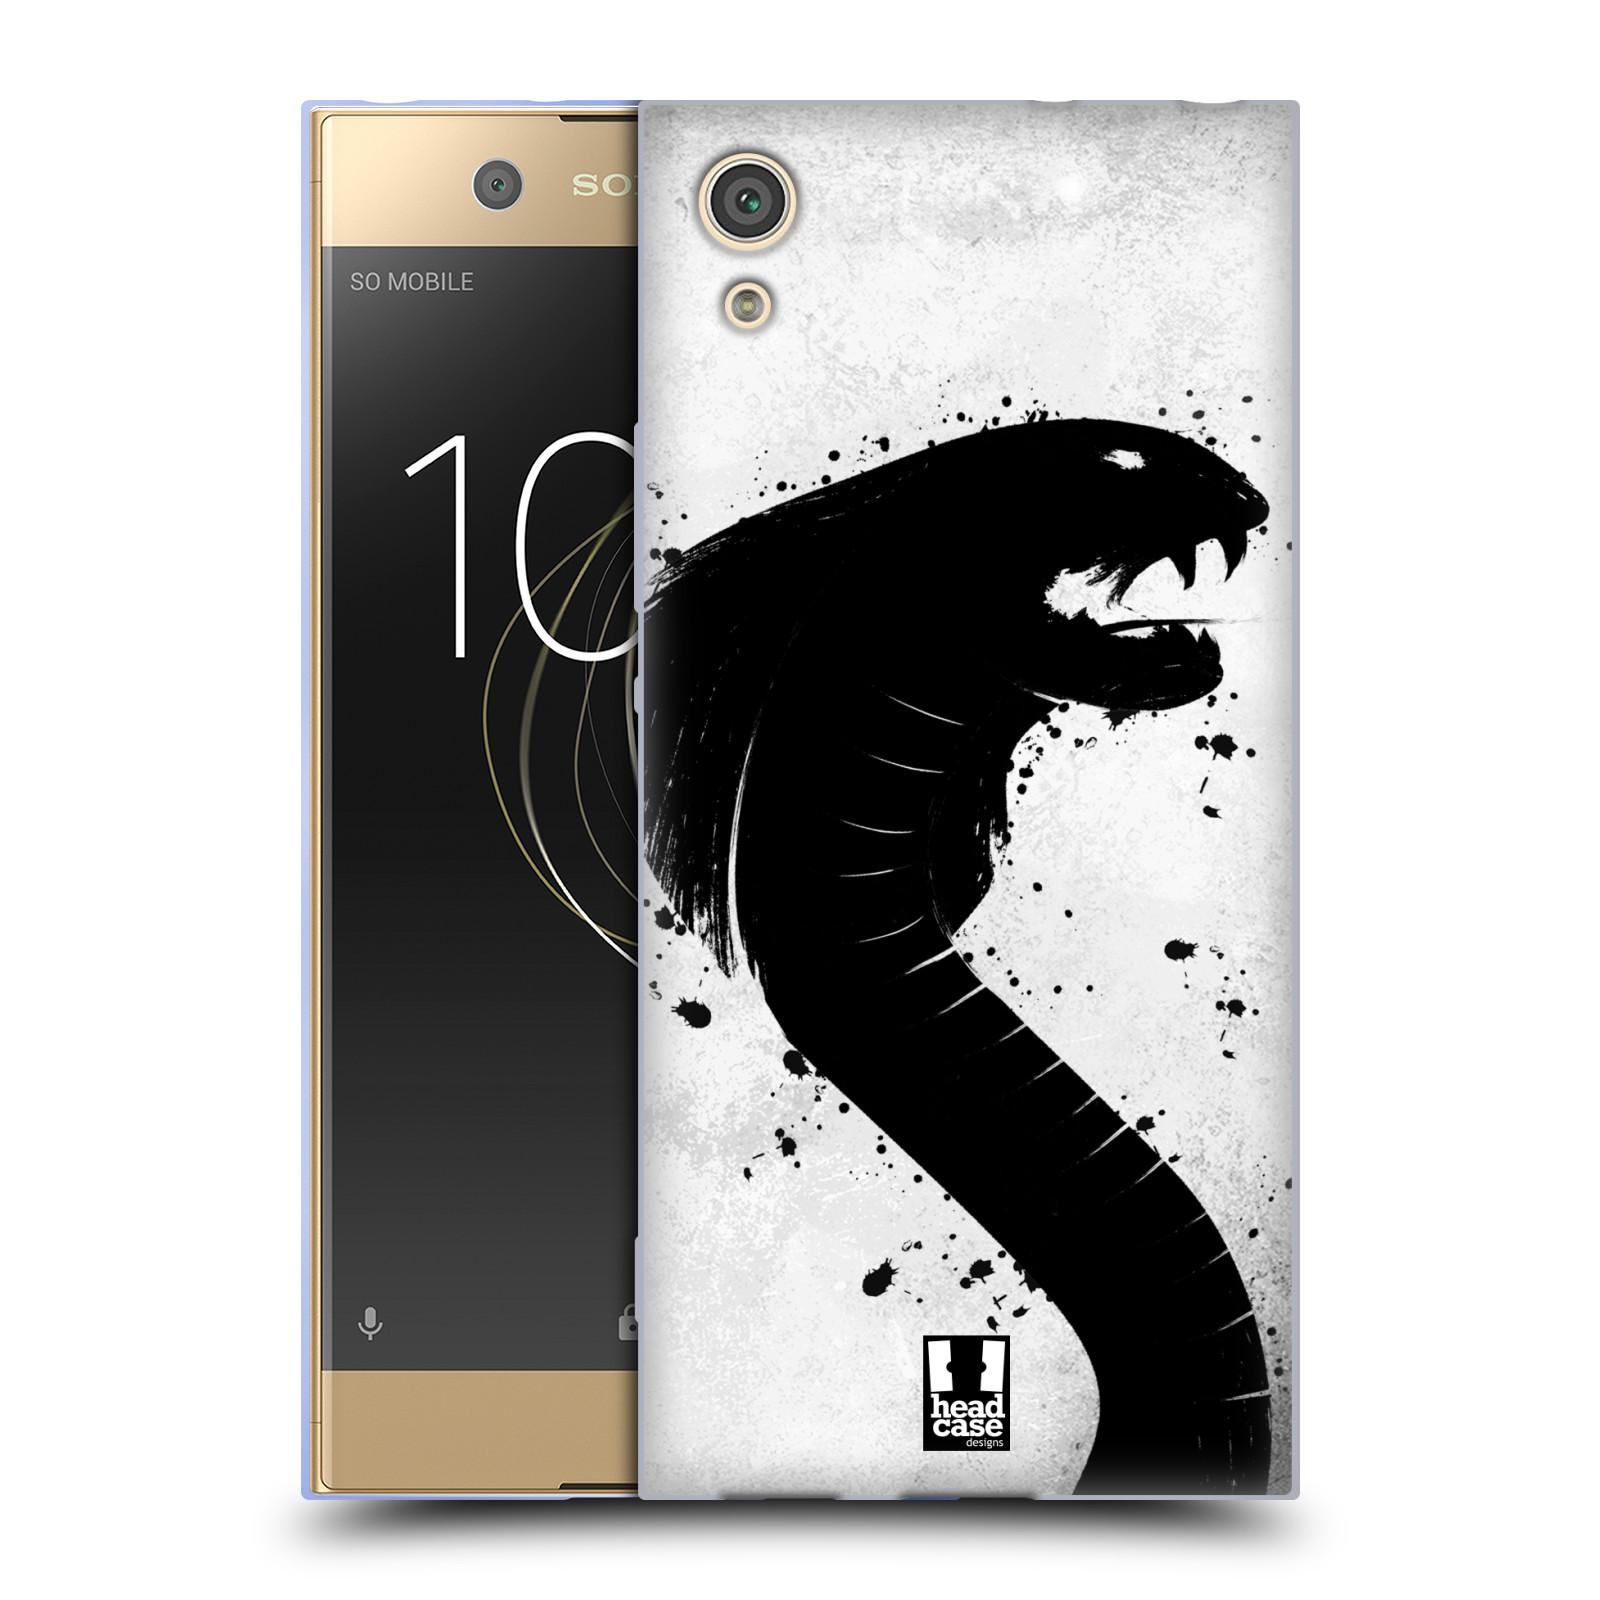 HEAD CASE silikonový obal na mobil Sony Xperia XA1 / XA1 DUAL SIM vzor Kresba tuš zvíře had kobra